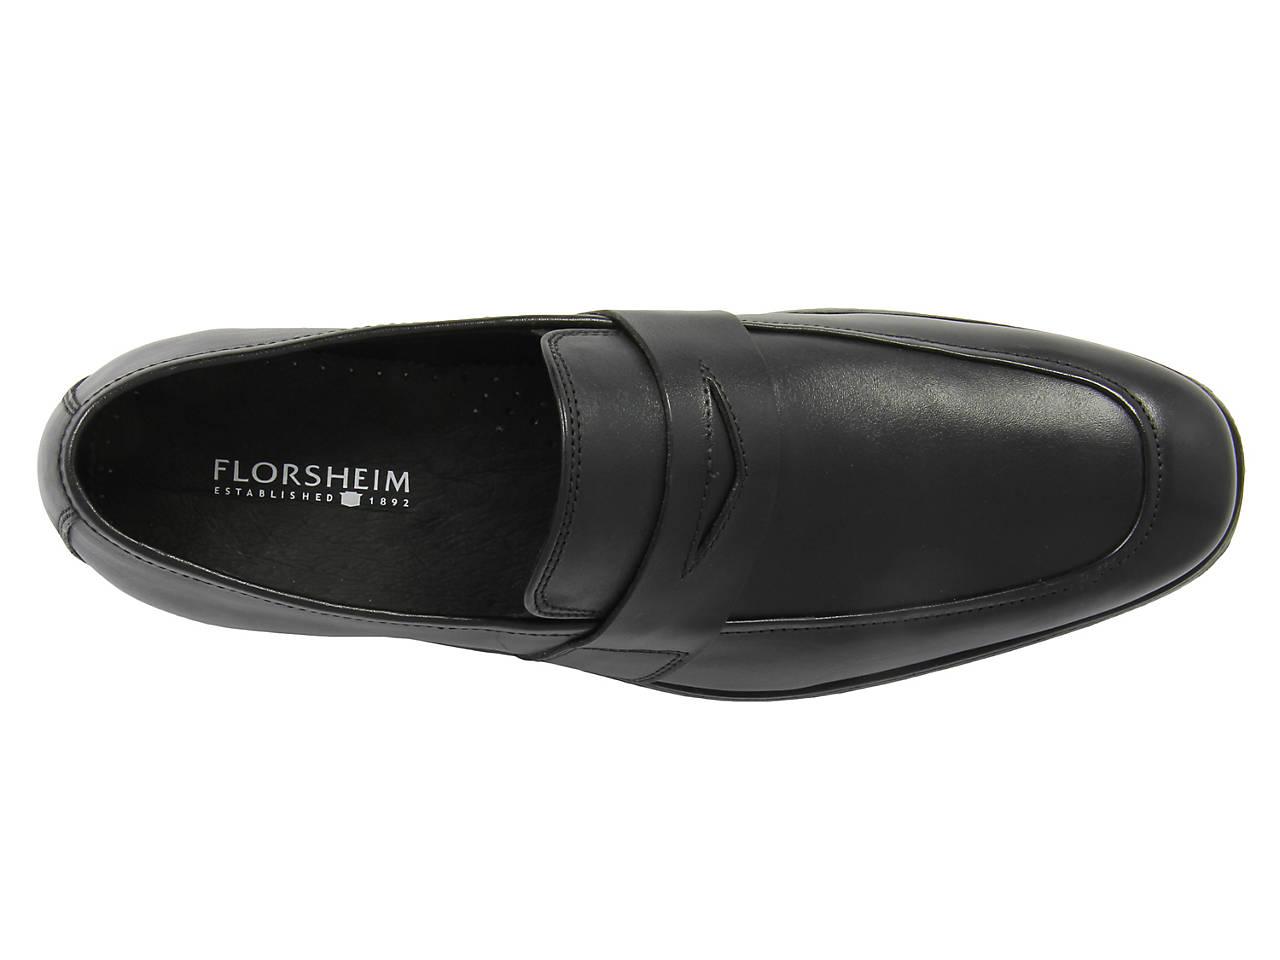 4cefd844b49 Florsheim Jet Penny Loafer Men s Shoes